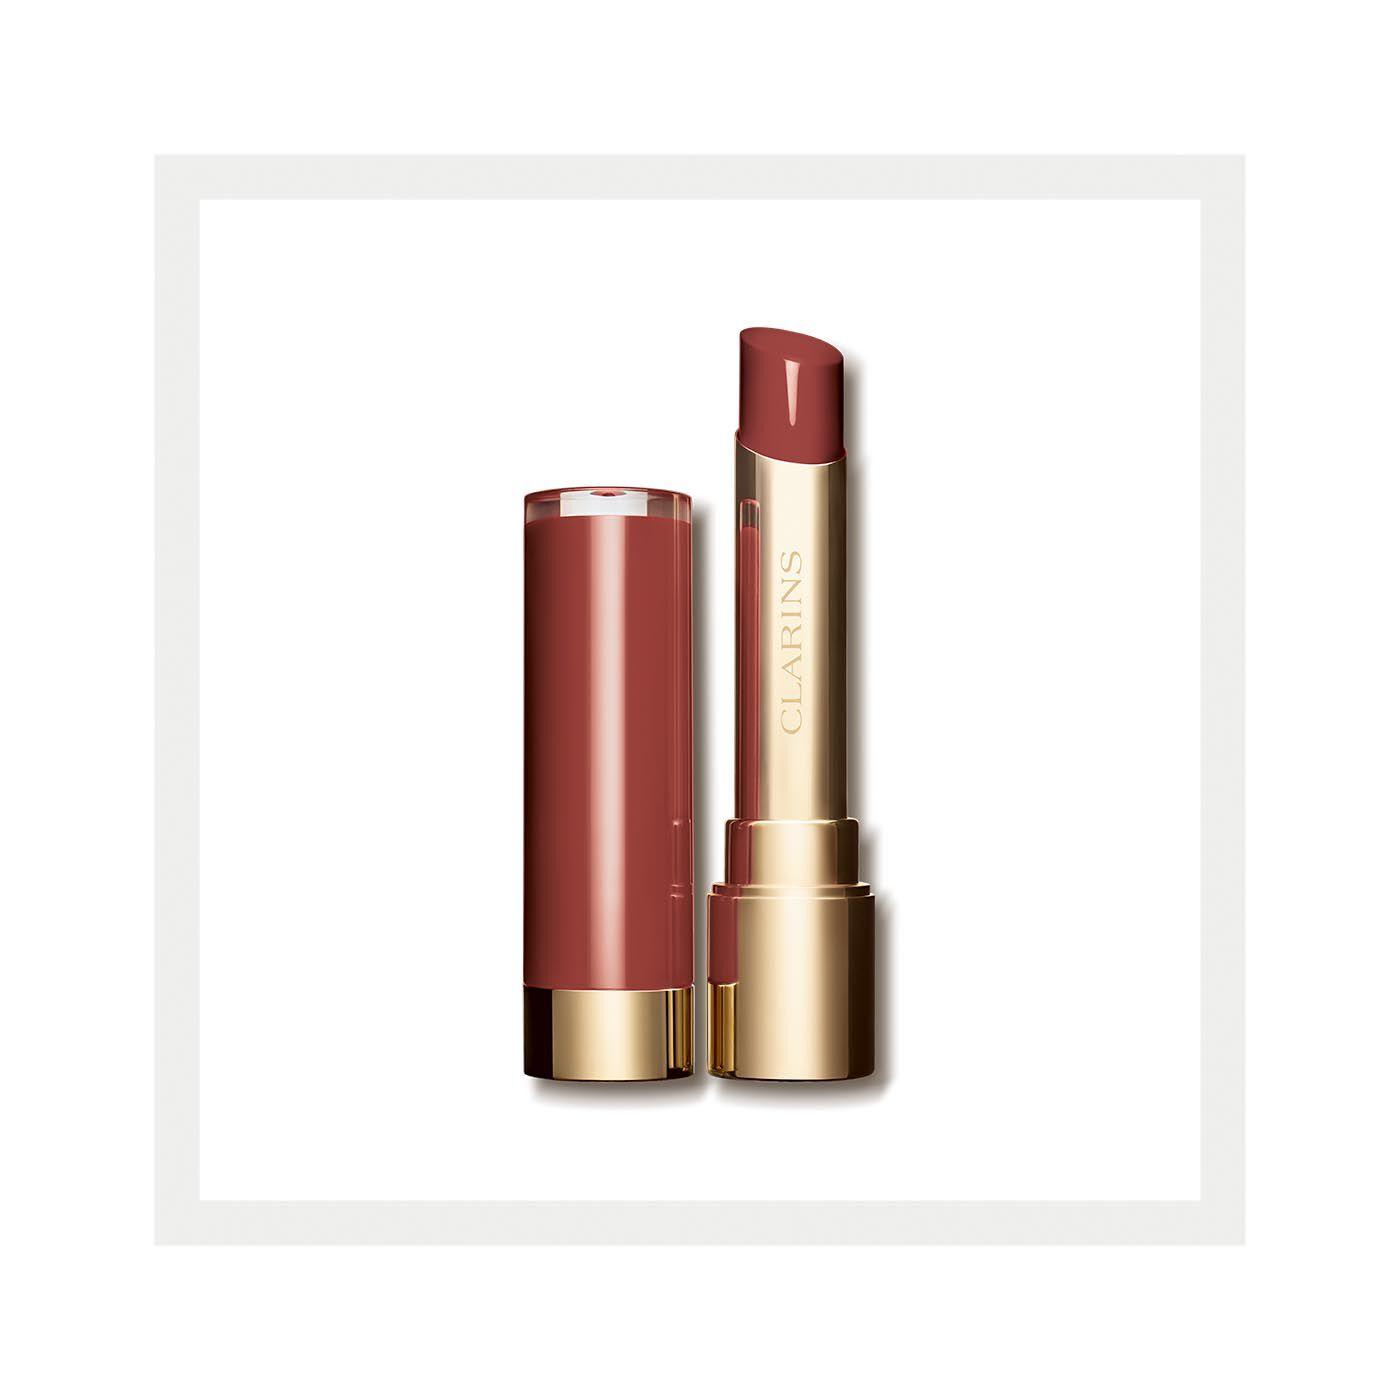 Joli Rouge Lip Lacquer 757L - nude brick